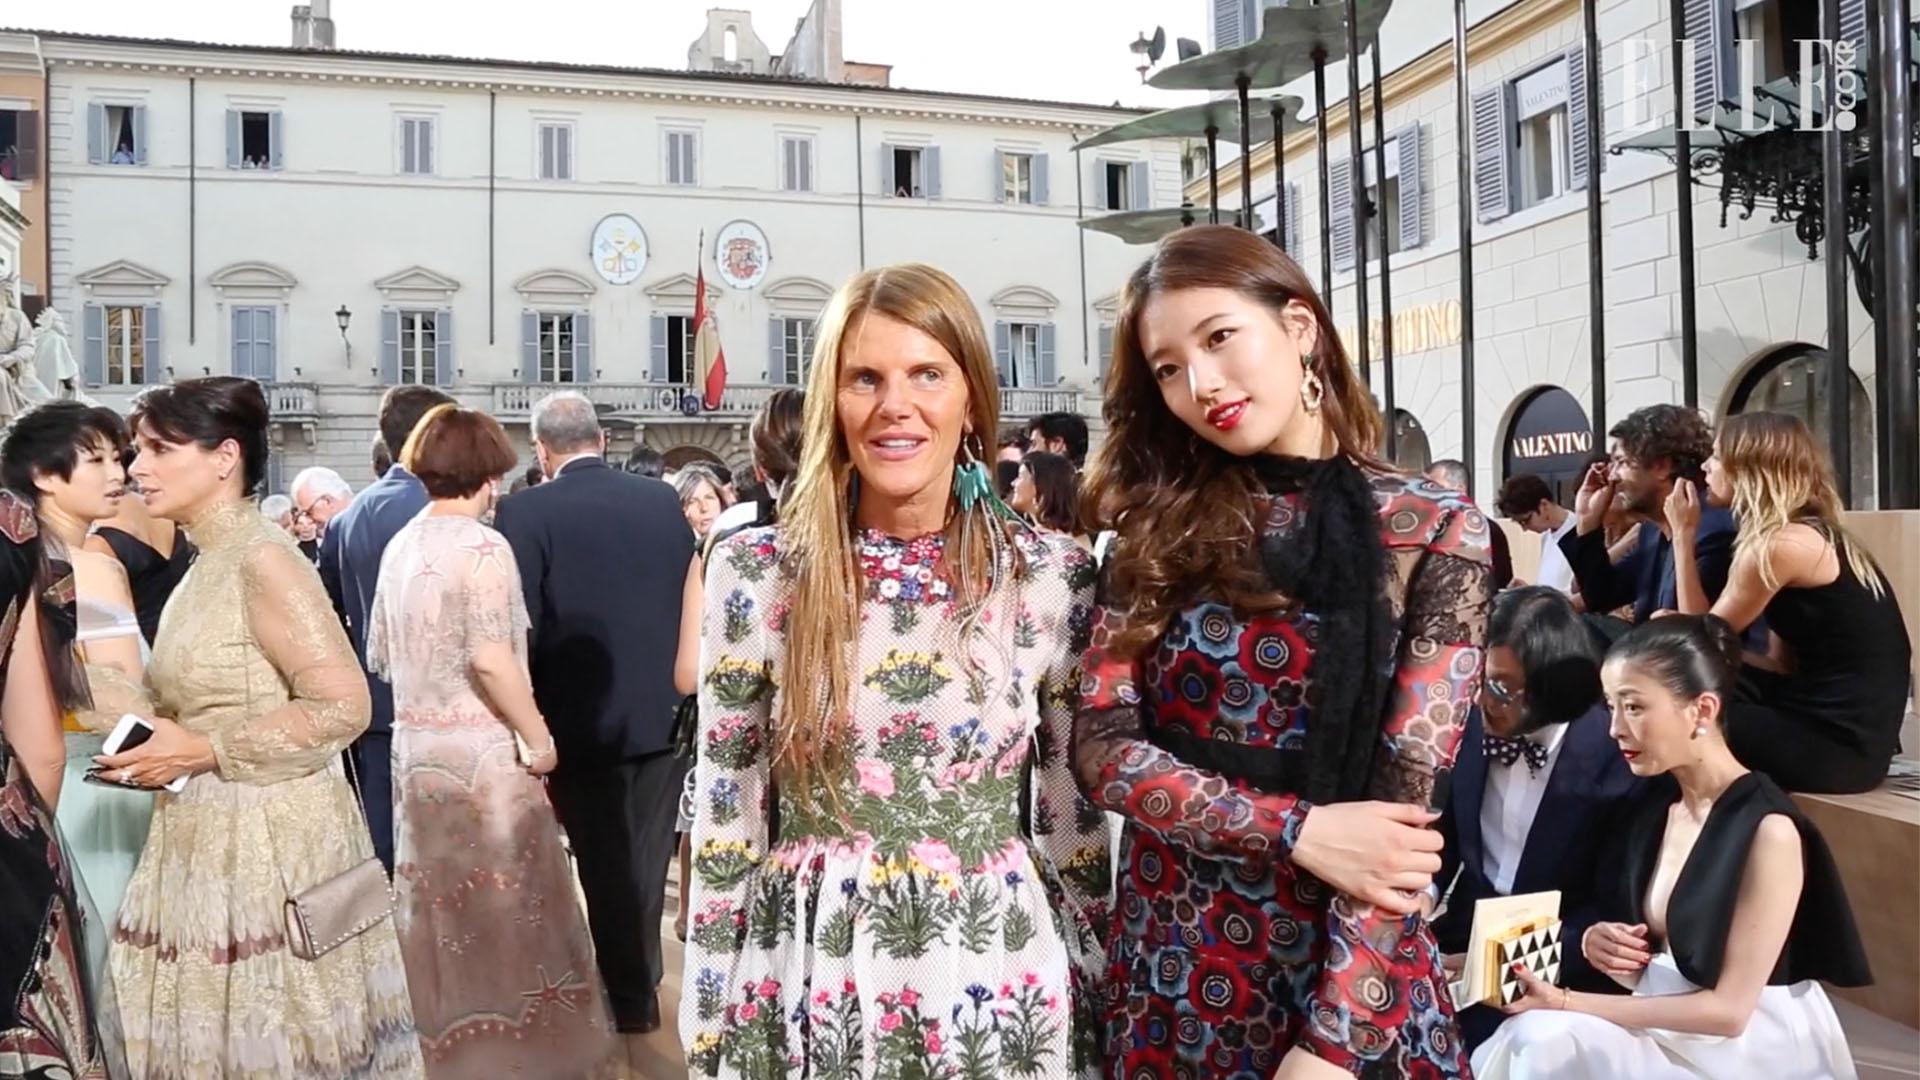 수지와 함께한 로마의 휴일